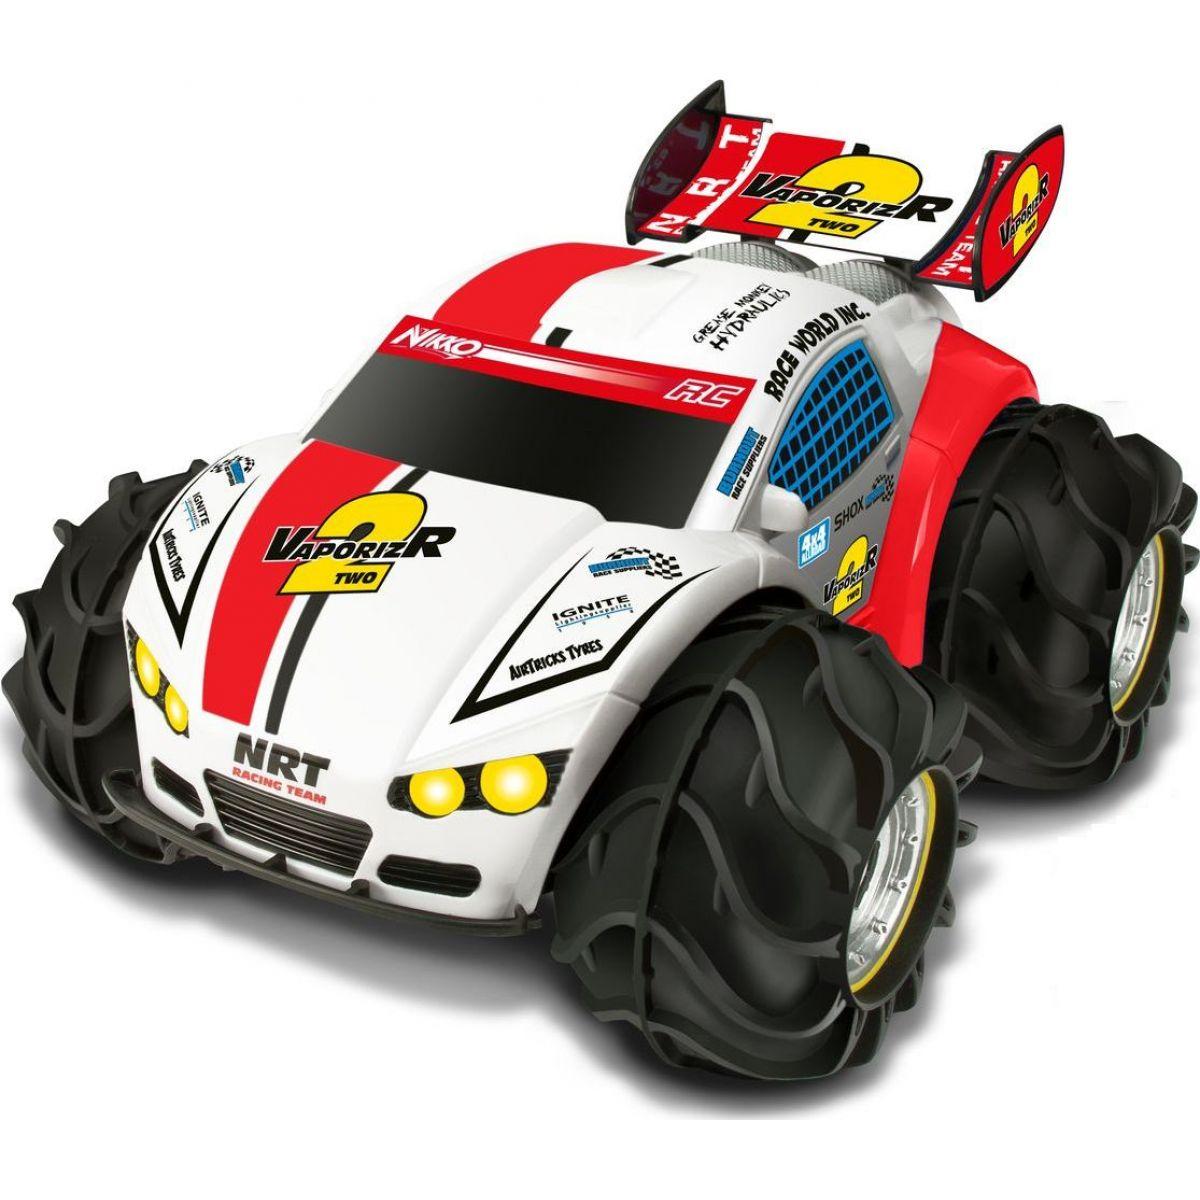 Nikko RC Auto VaporizR 2 Pro Červená - Poškozený obal